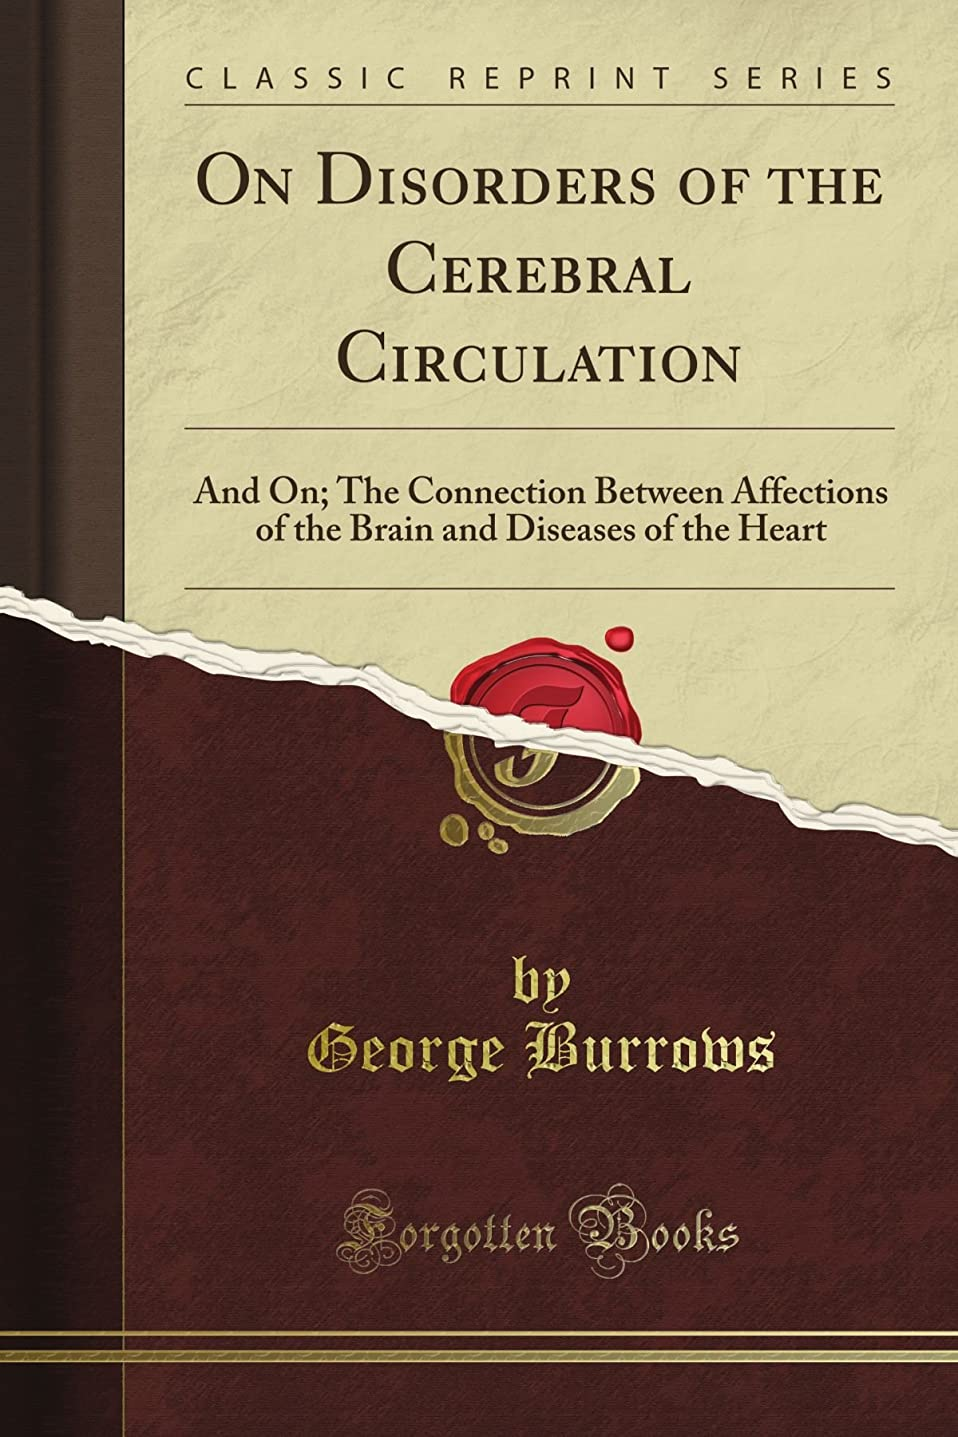 靴下実施する震えるOn Disorders of the Cerebral Circulation: And On; The Connection Between Affections of the Brain and Diseases of the Heart (Classic Reprint)